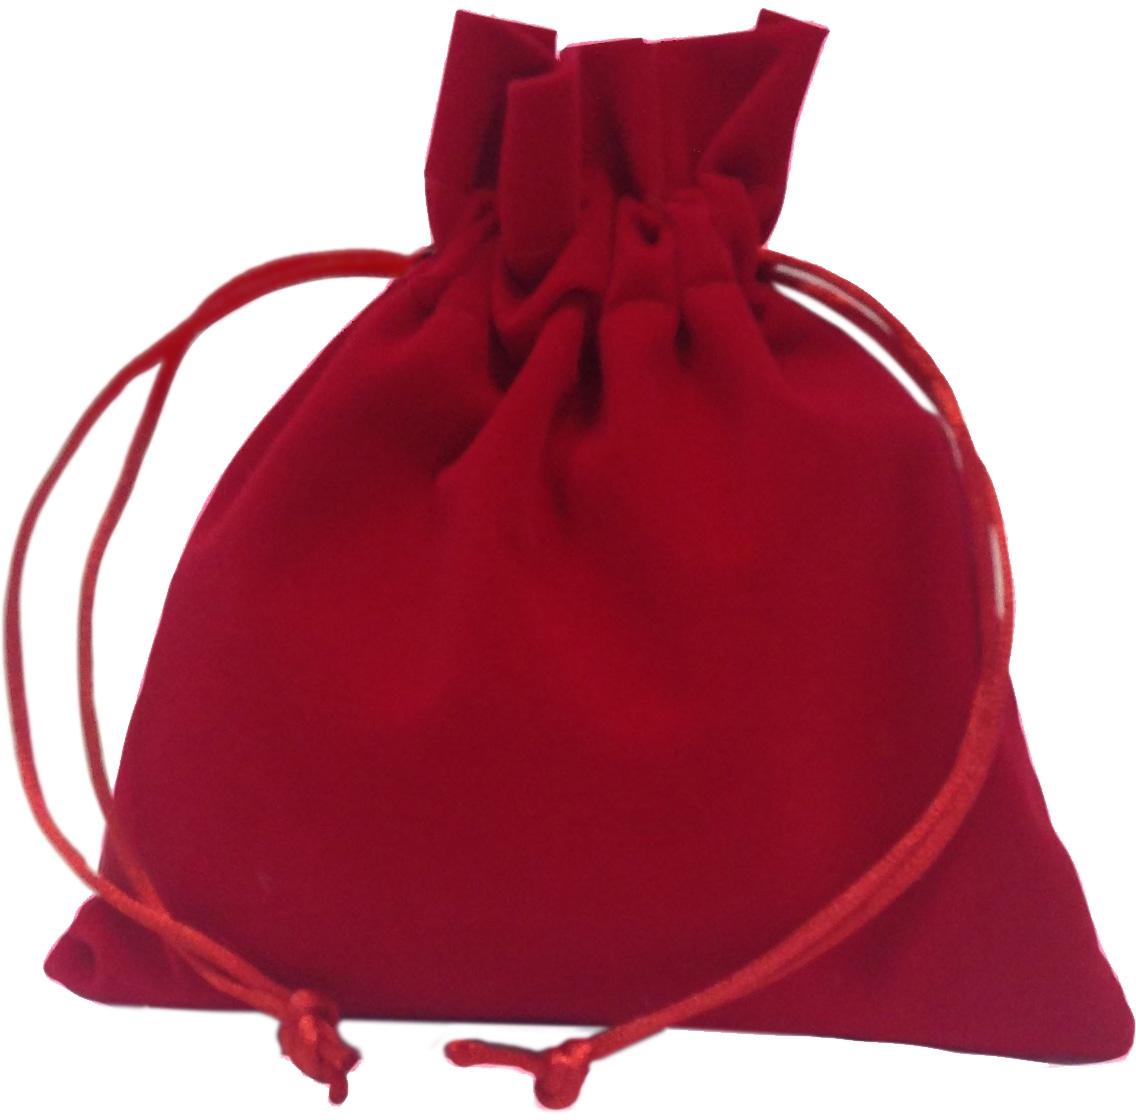 Мешочек подарочный Правила Успеха, 14 х 15 см4610009215143Бархатный подарочный мешочек Правила Успеха прекрасно подойдет для упаковки чая, конфет, бижутерии, драгоценностей. Мешочек снабжен завязками.